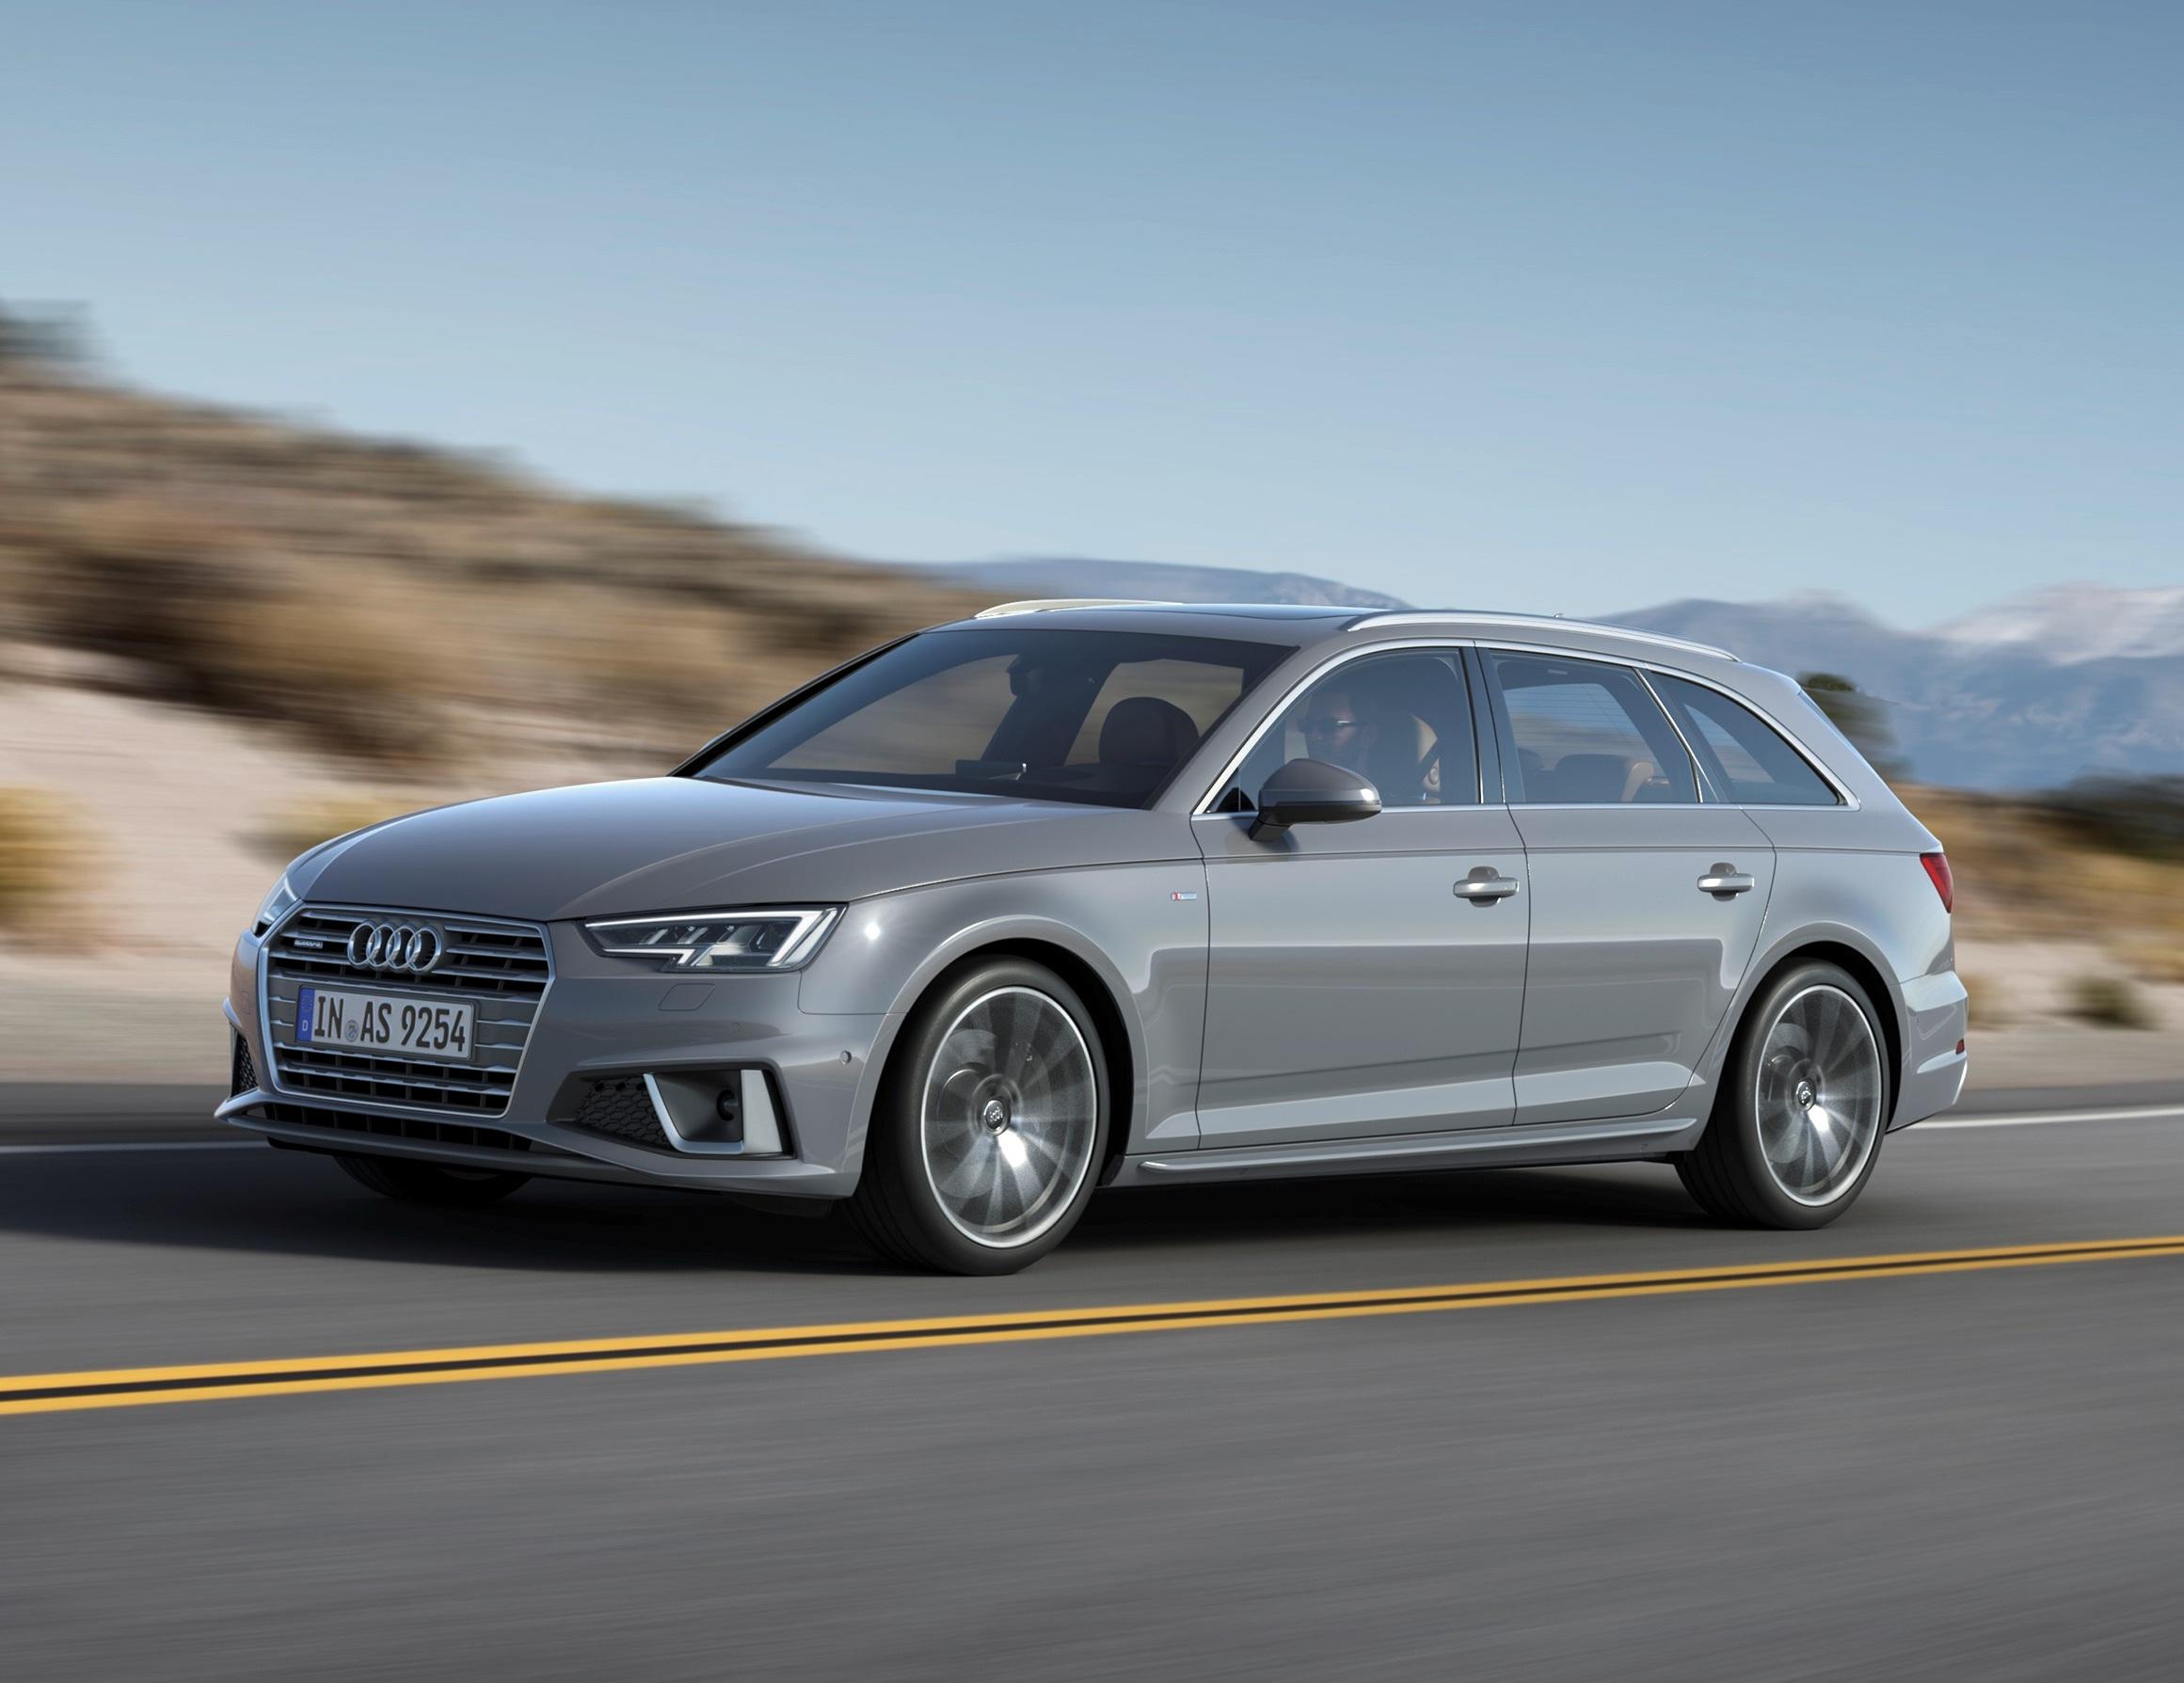 Kelebihan Audi Avant A4 Tangguh